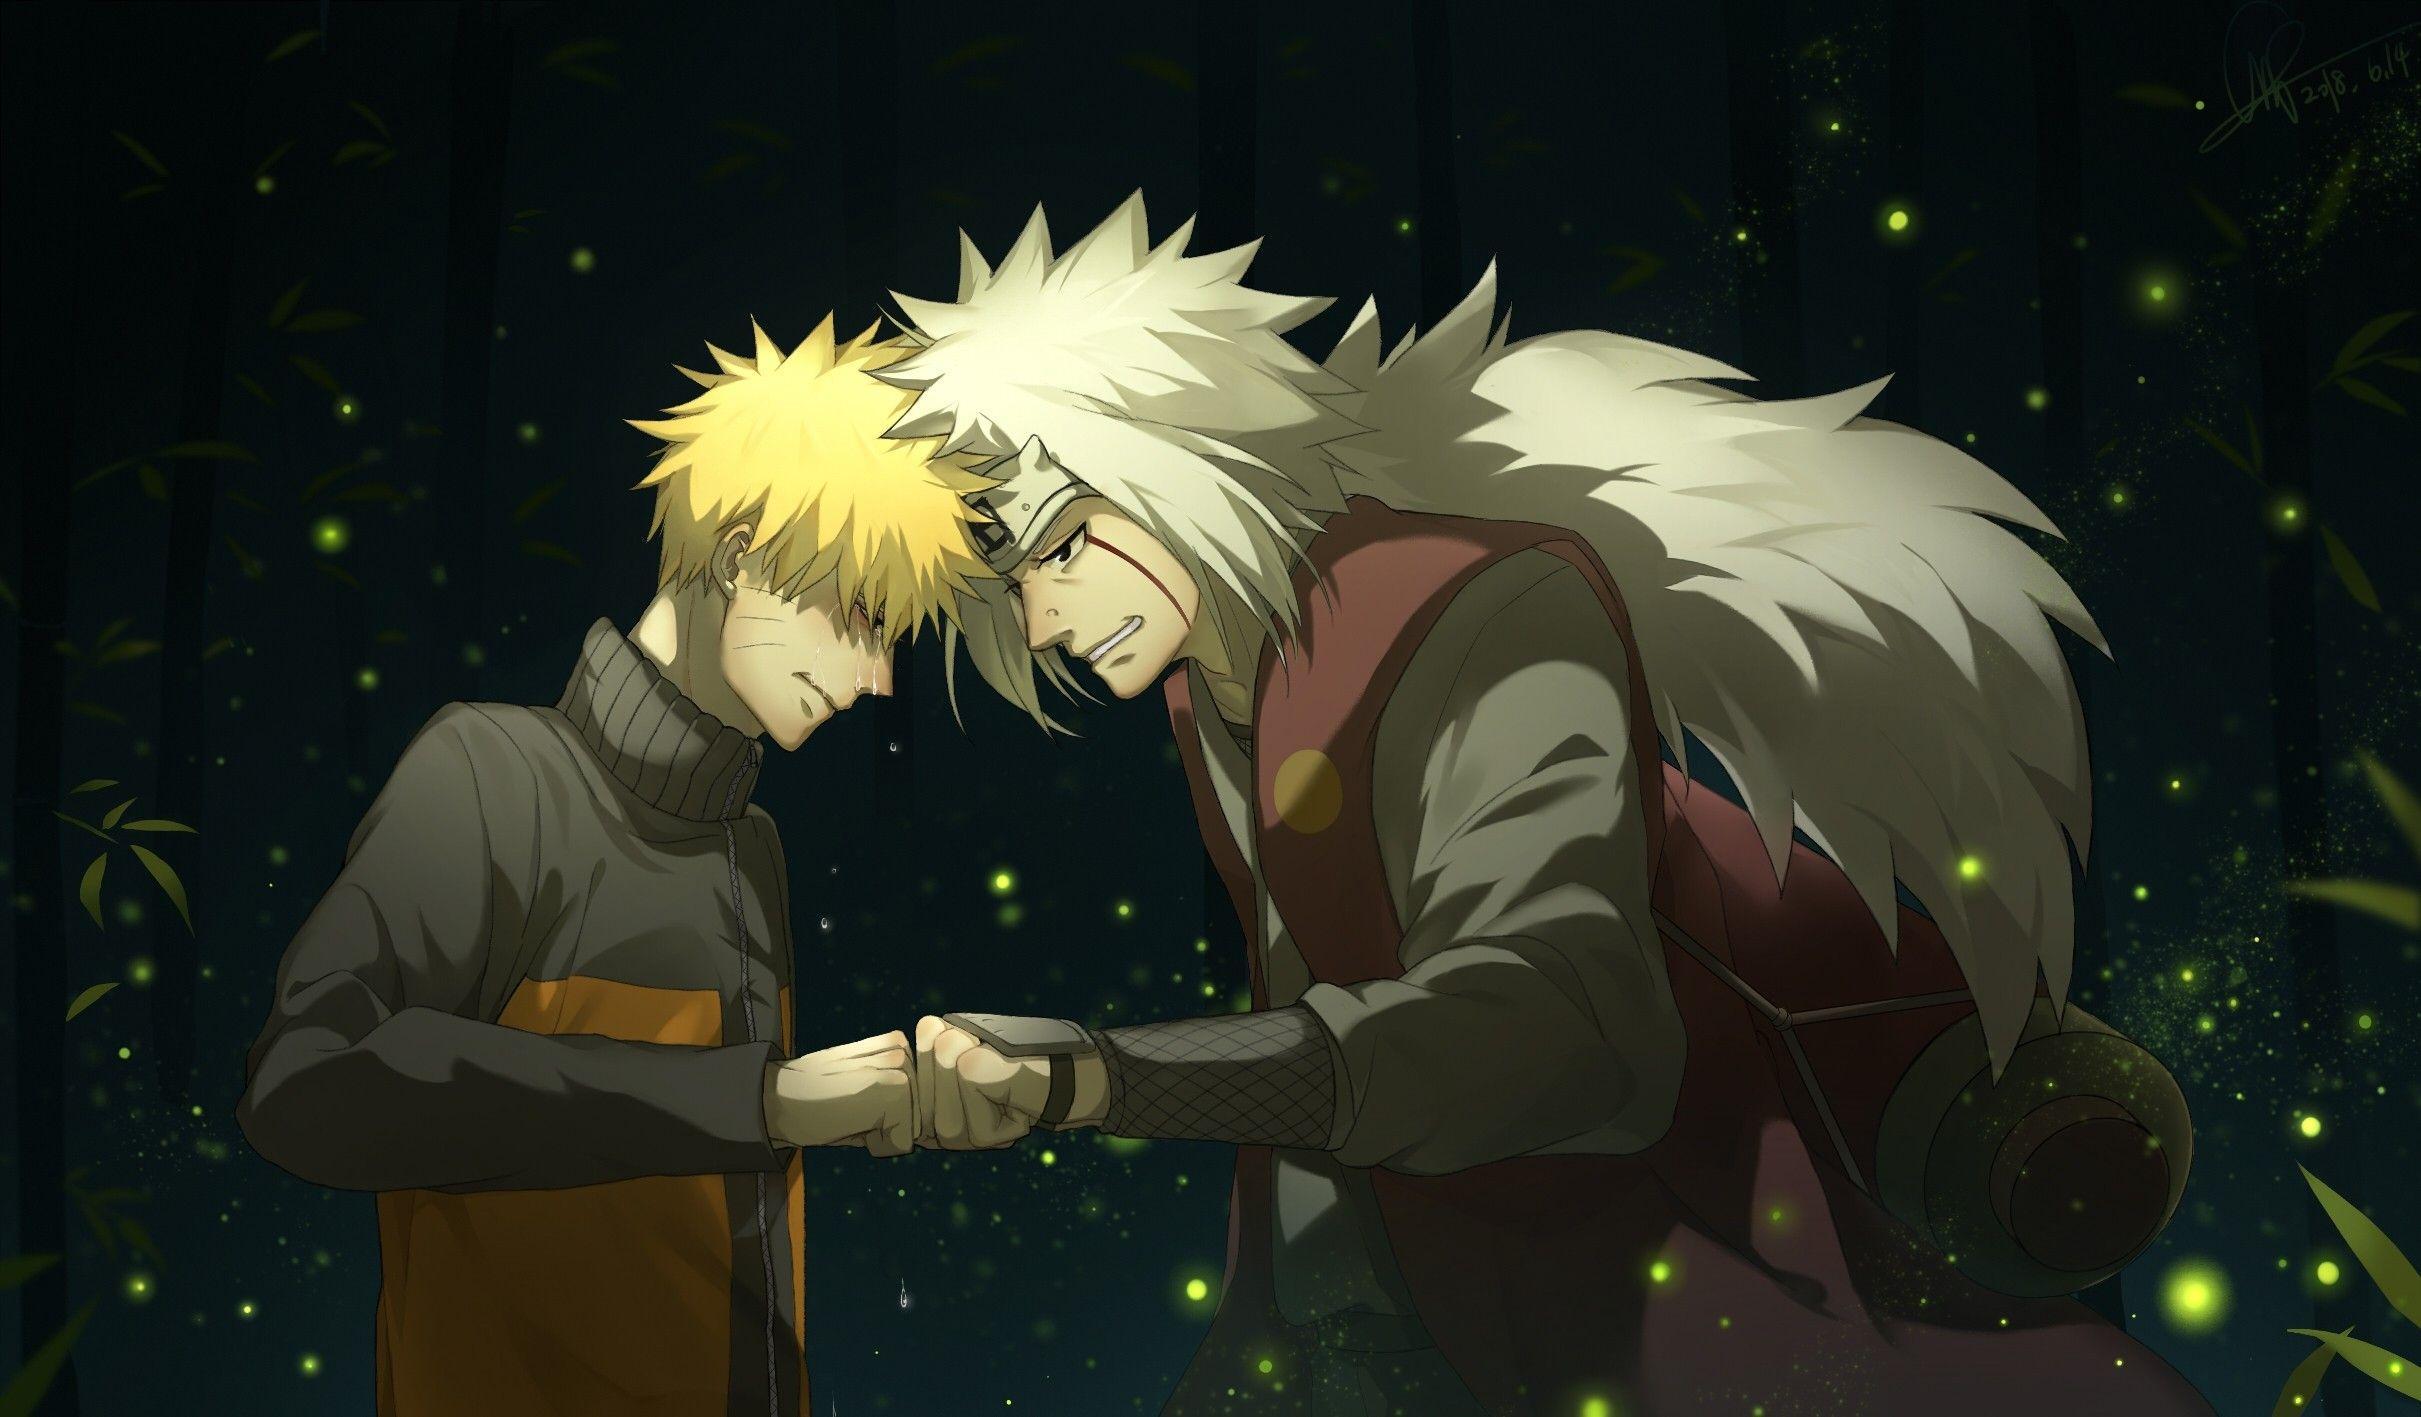 Naruto And Jiraiya Wallpapers Top Free Naruto And Jiraiya Backgrounds Wallpaperaccess